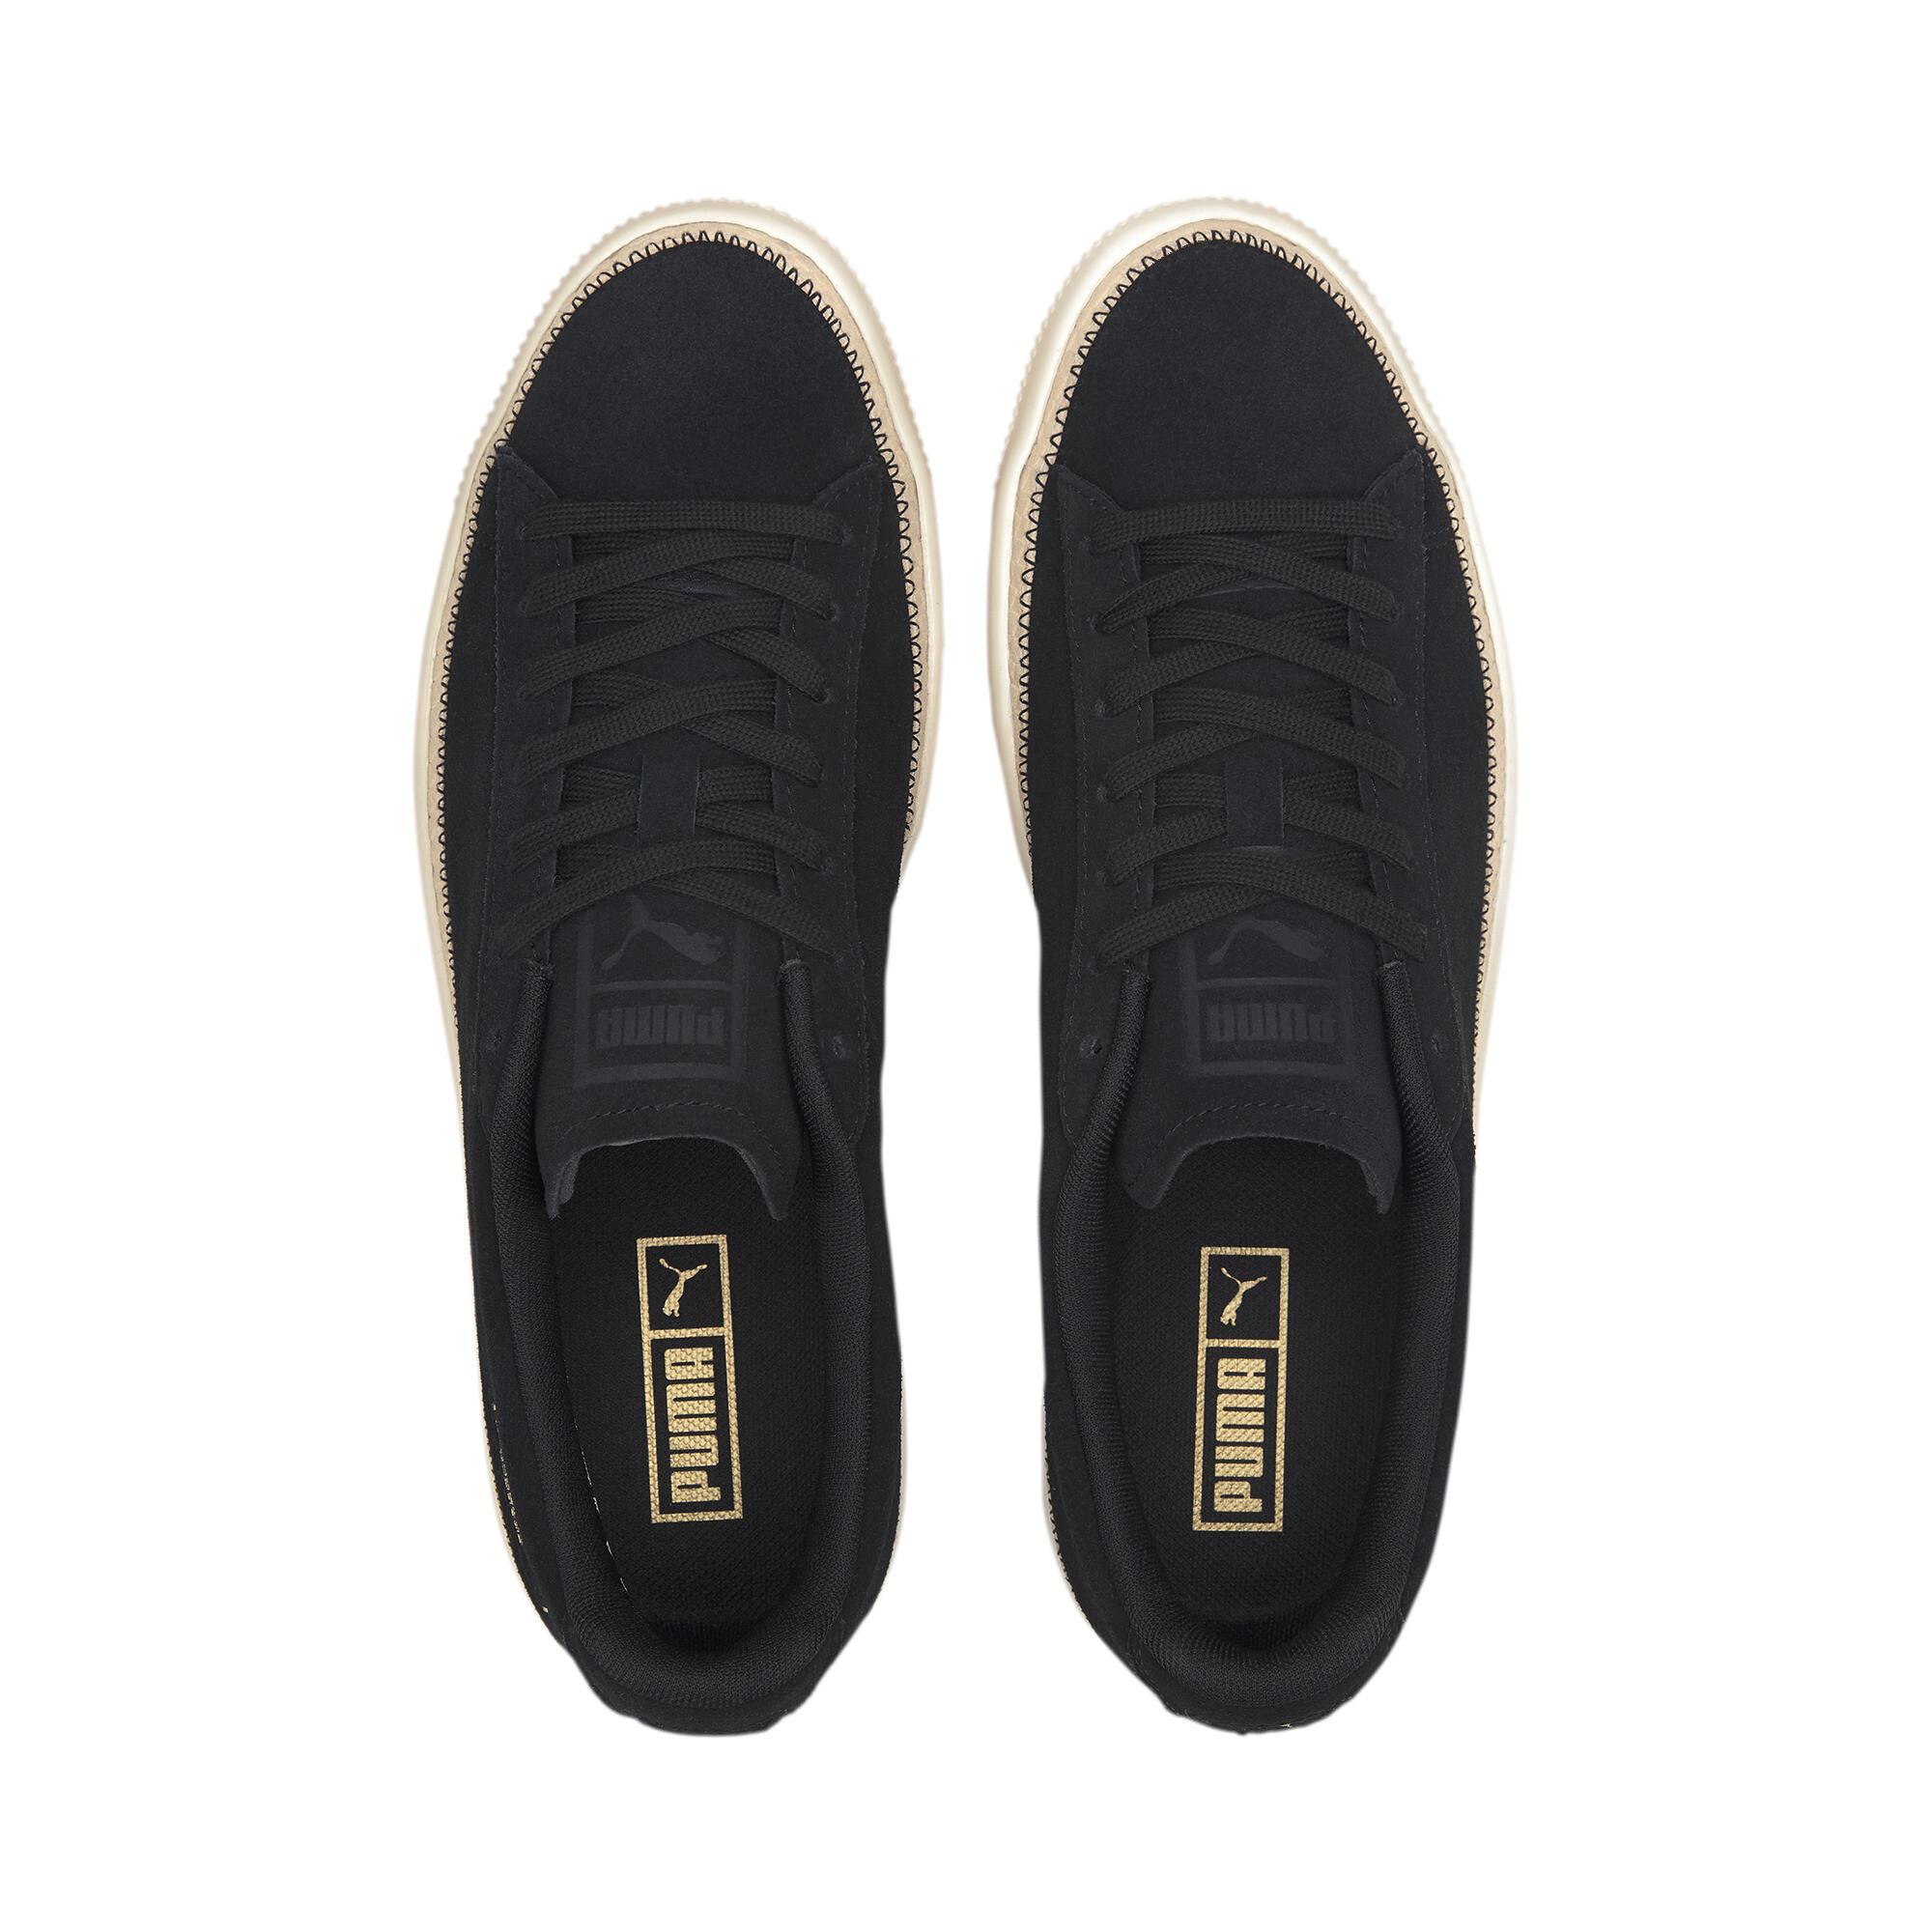 PUMA-Men-039-s-Suede-Trim-DLX-Sneakers thumbnail 22